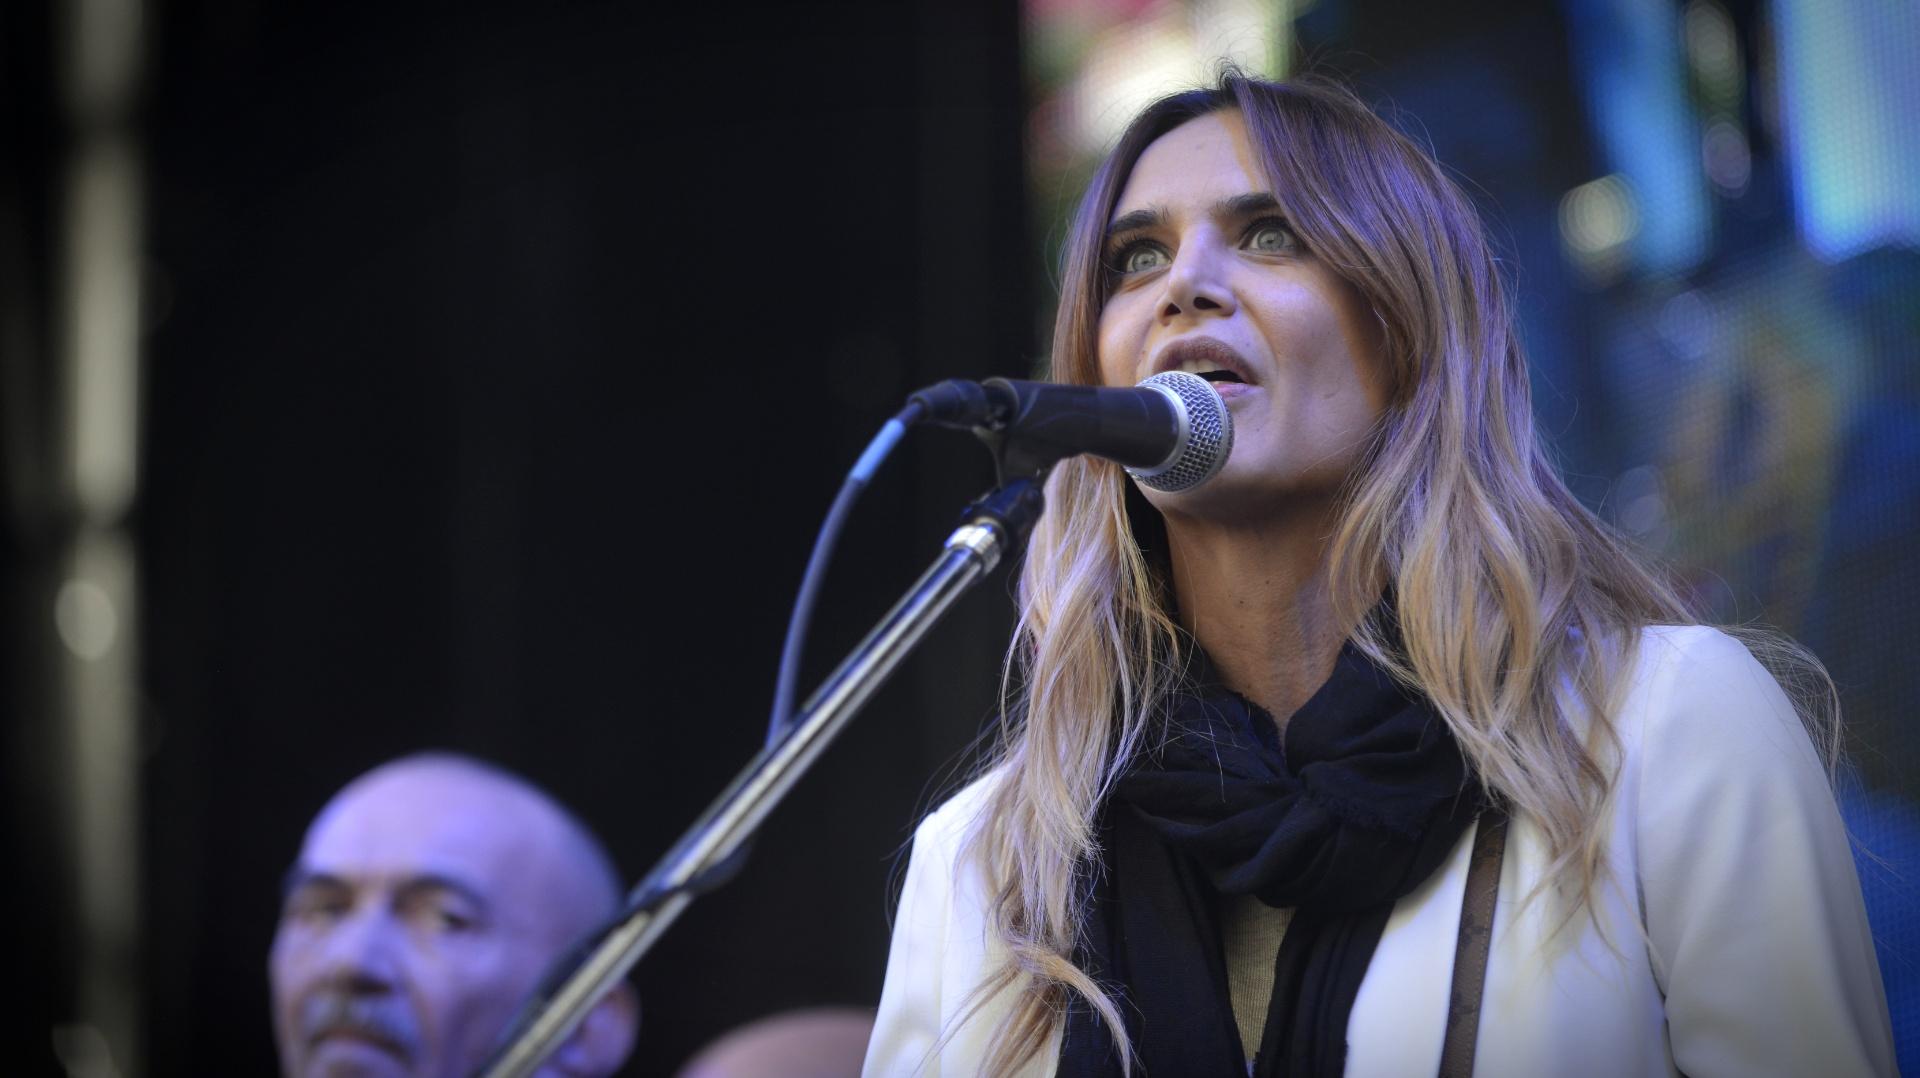 La modelo Amalia Granata, una de las figuras del medio que participó del evento